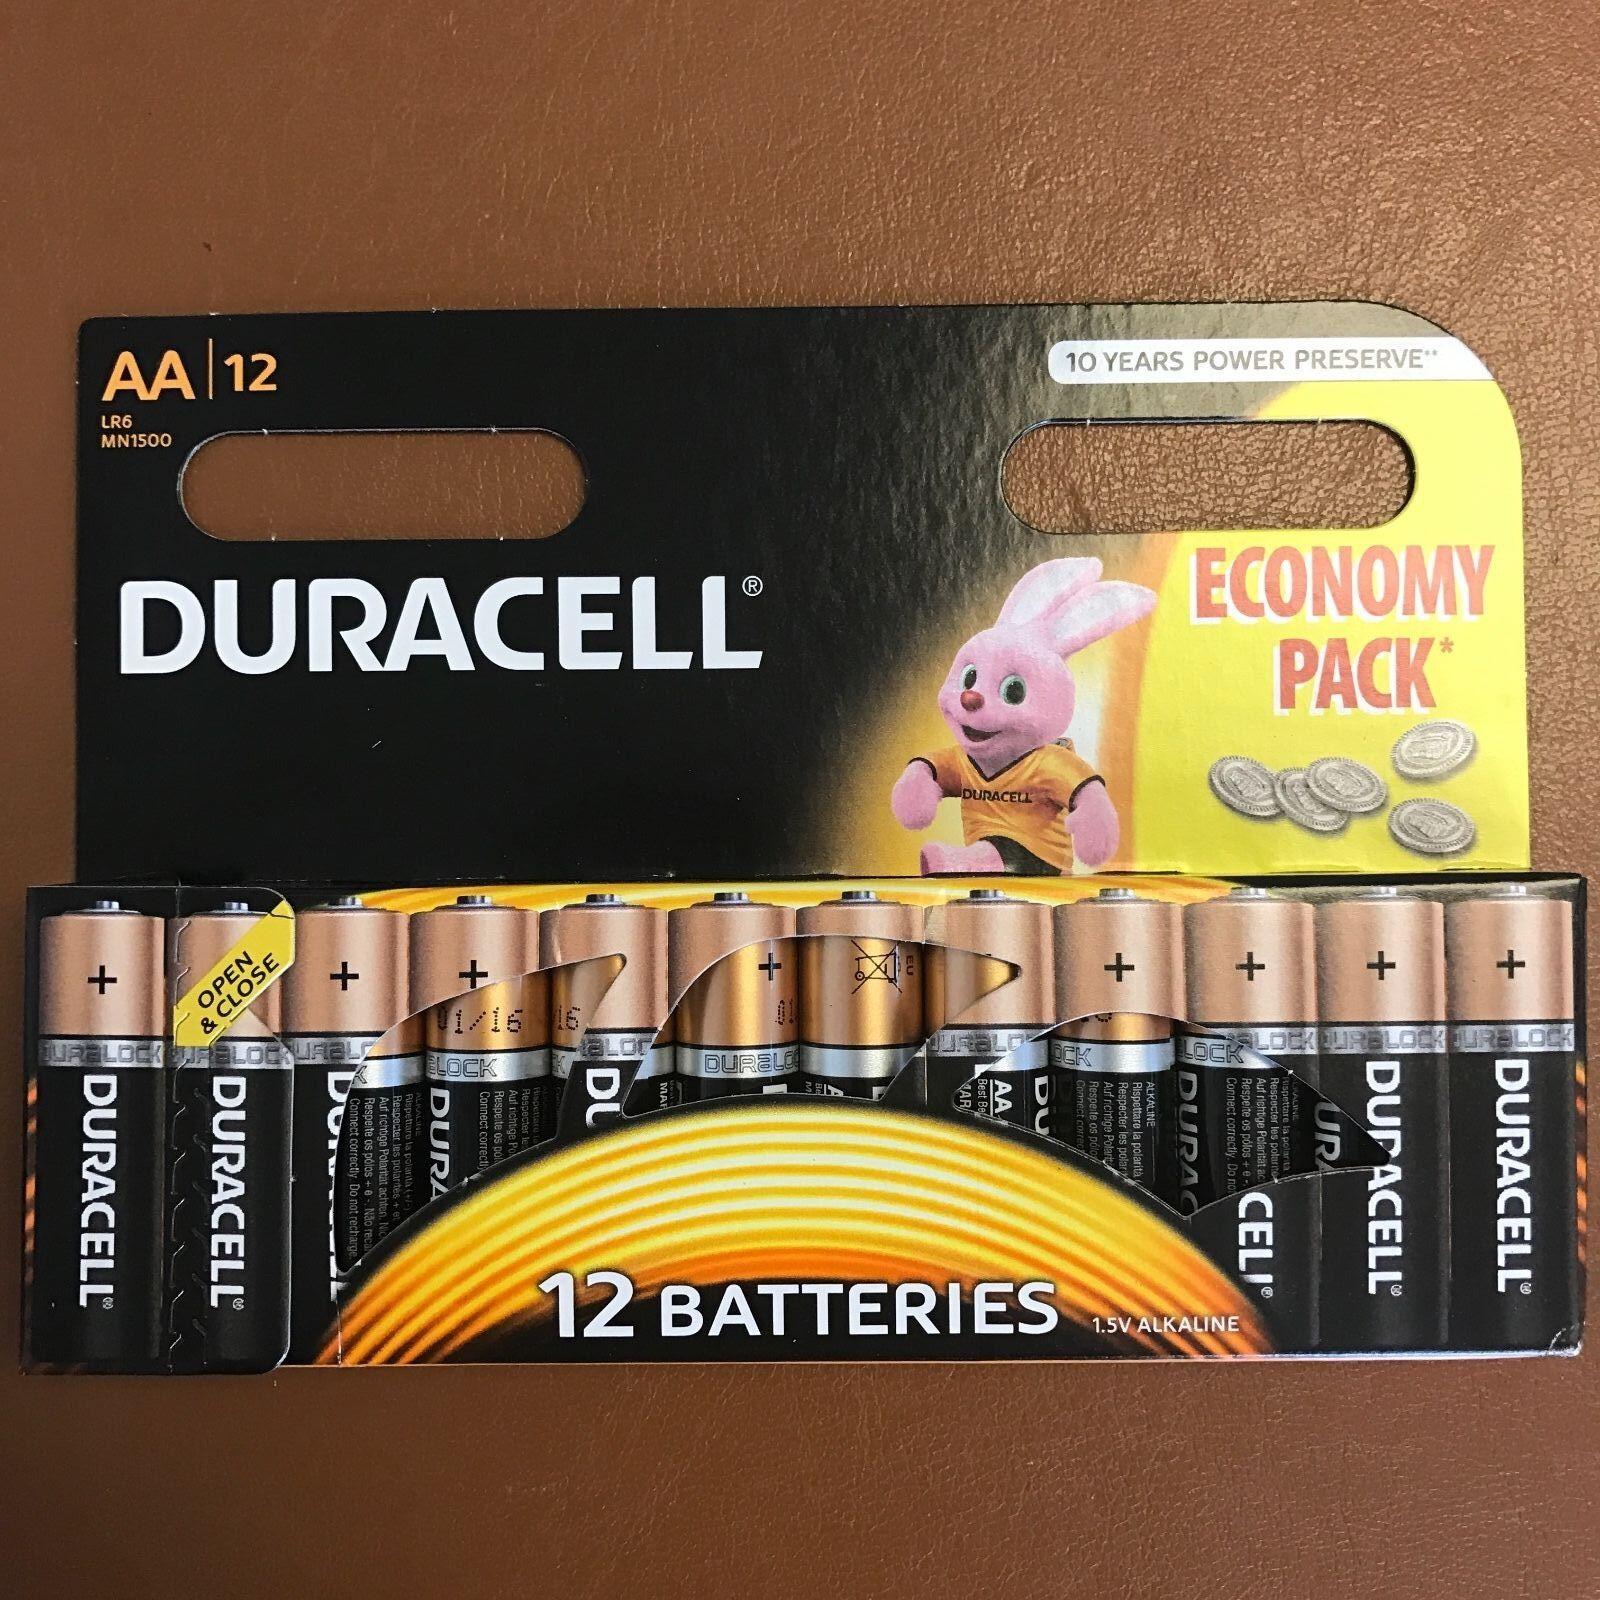 12 X Duracell Aa Langlebig Power Alkaline Batterien Vorteilspack LR6 MN1500